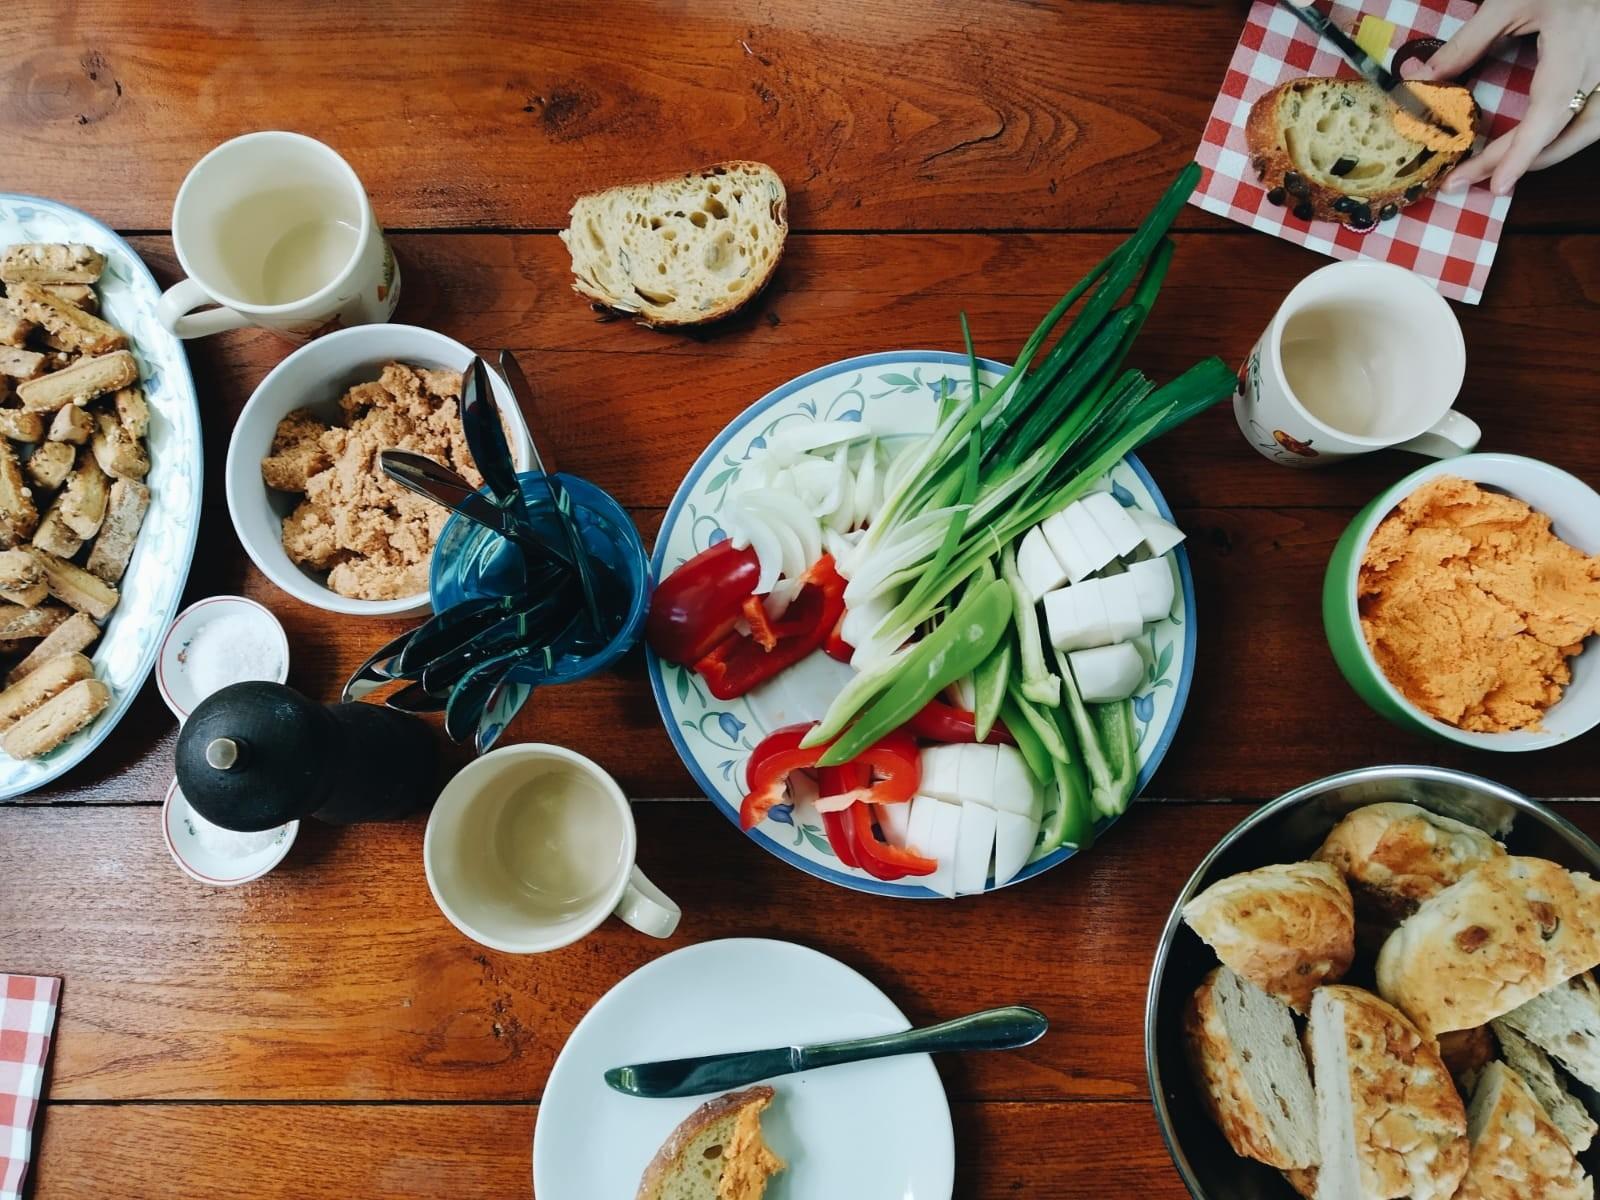 una-guia-gastronomia-eslovaca-83e51523ad